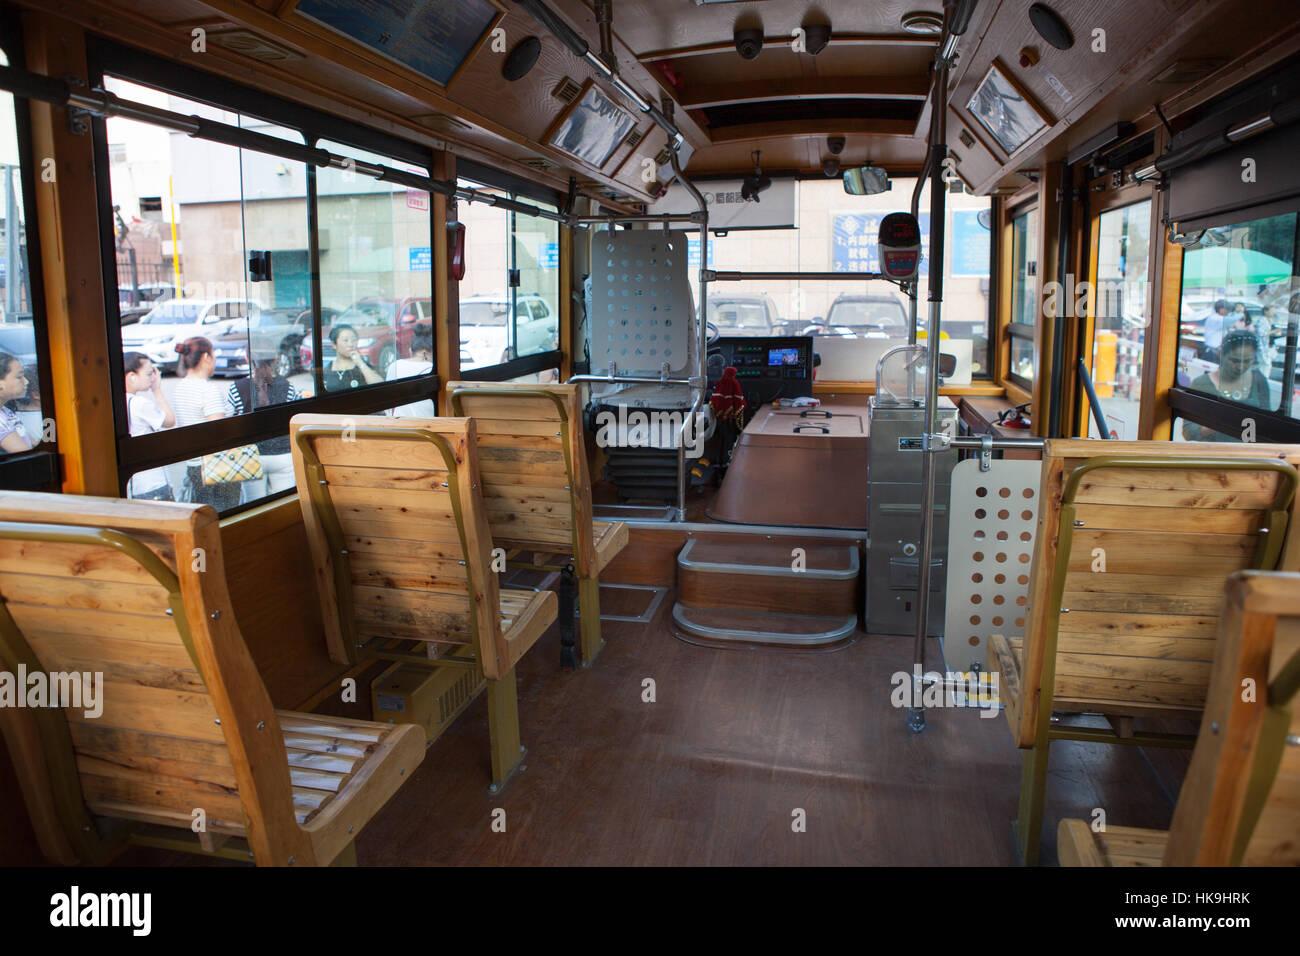 El interior de un autobús urbano típico. Yinchuan, Ningxia, China Foto de stock